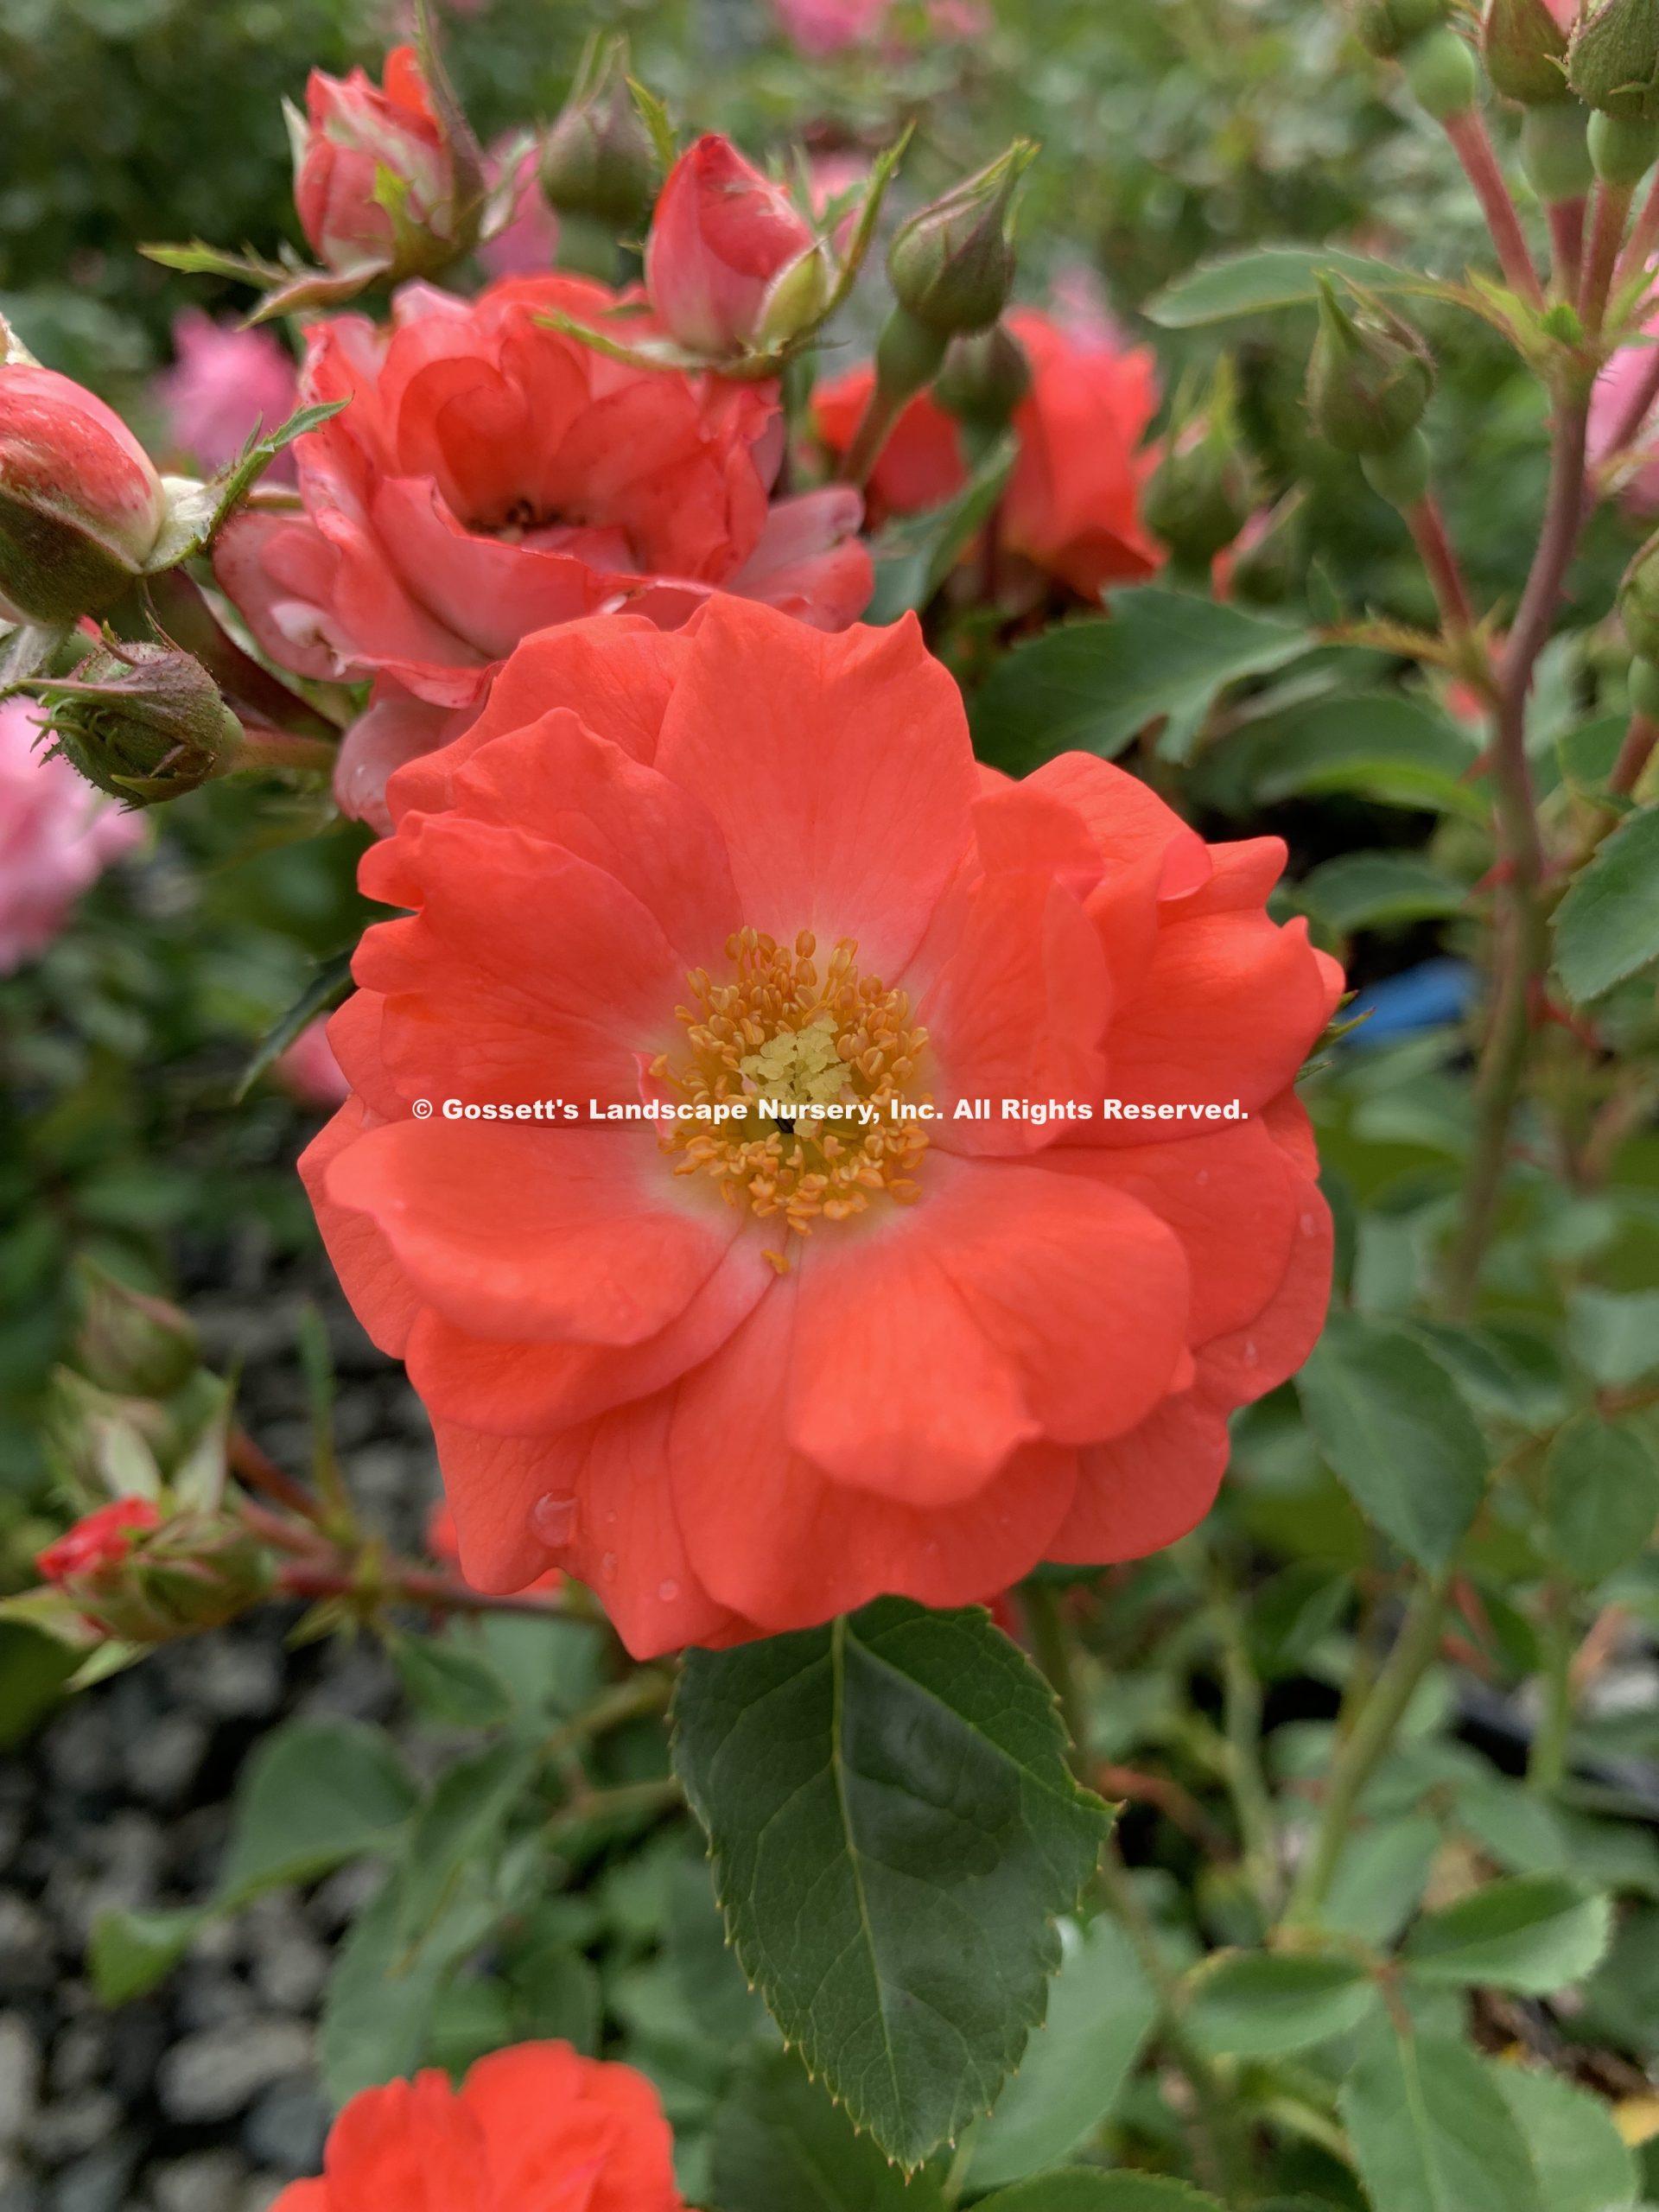 Rose Coral Drift Pp 19 148 Gossett S Landscape Nursery